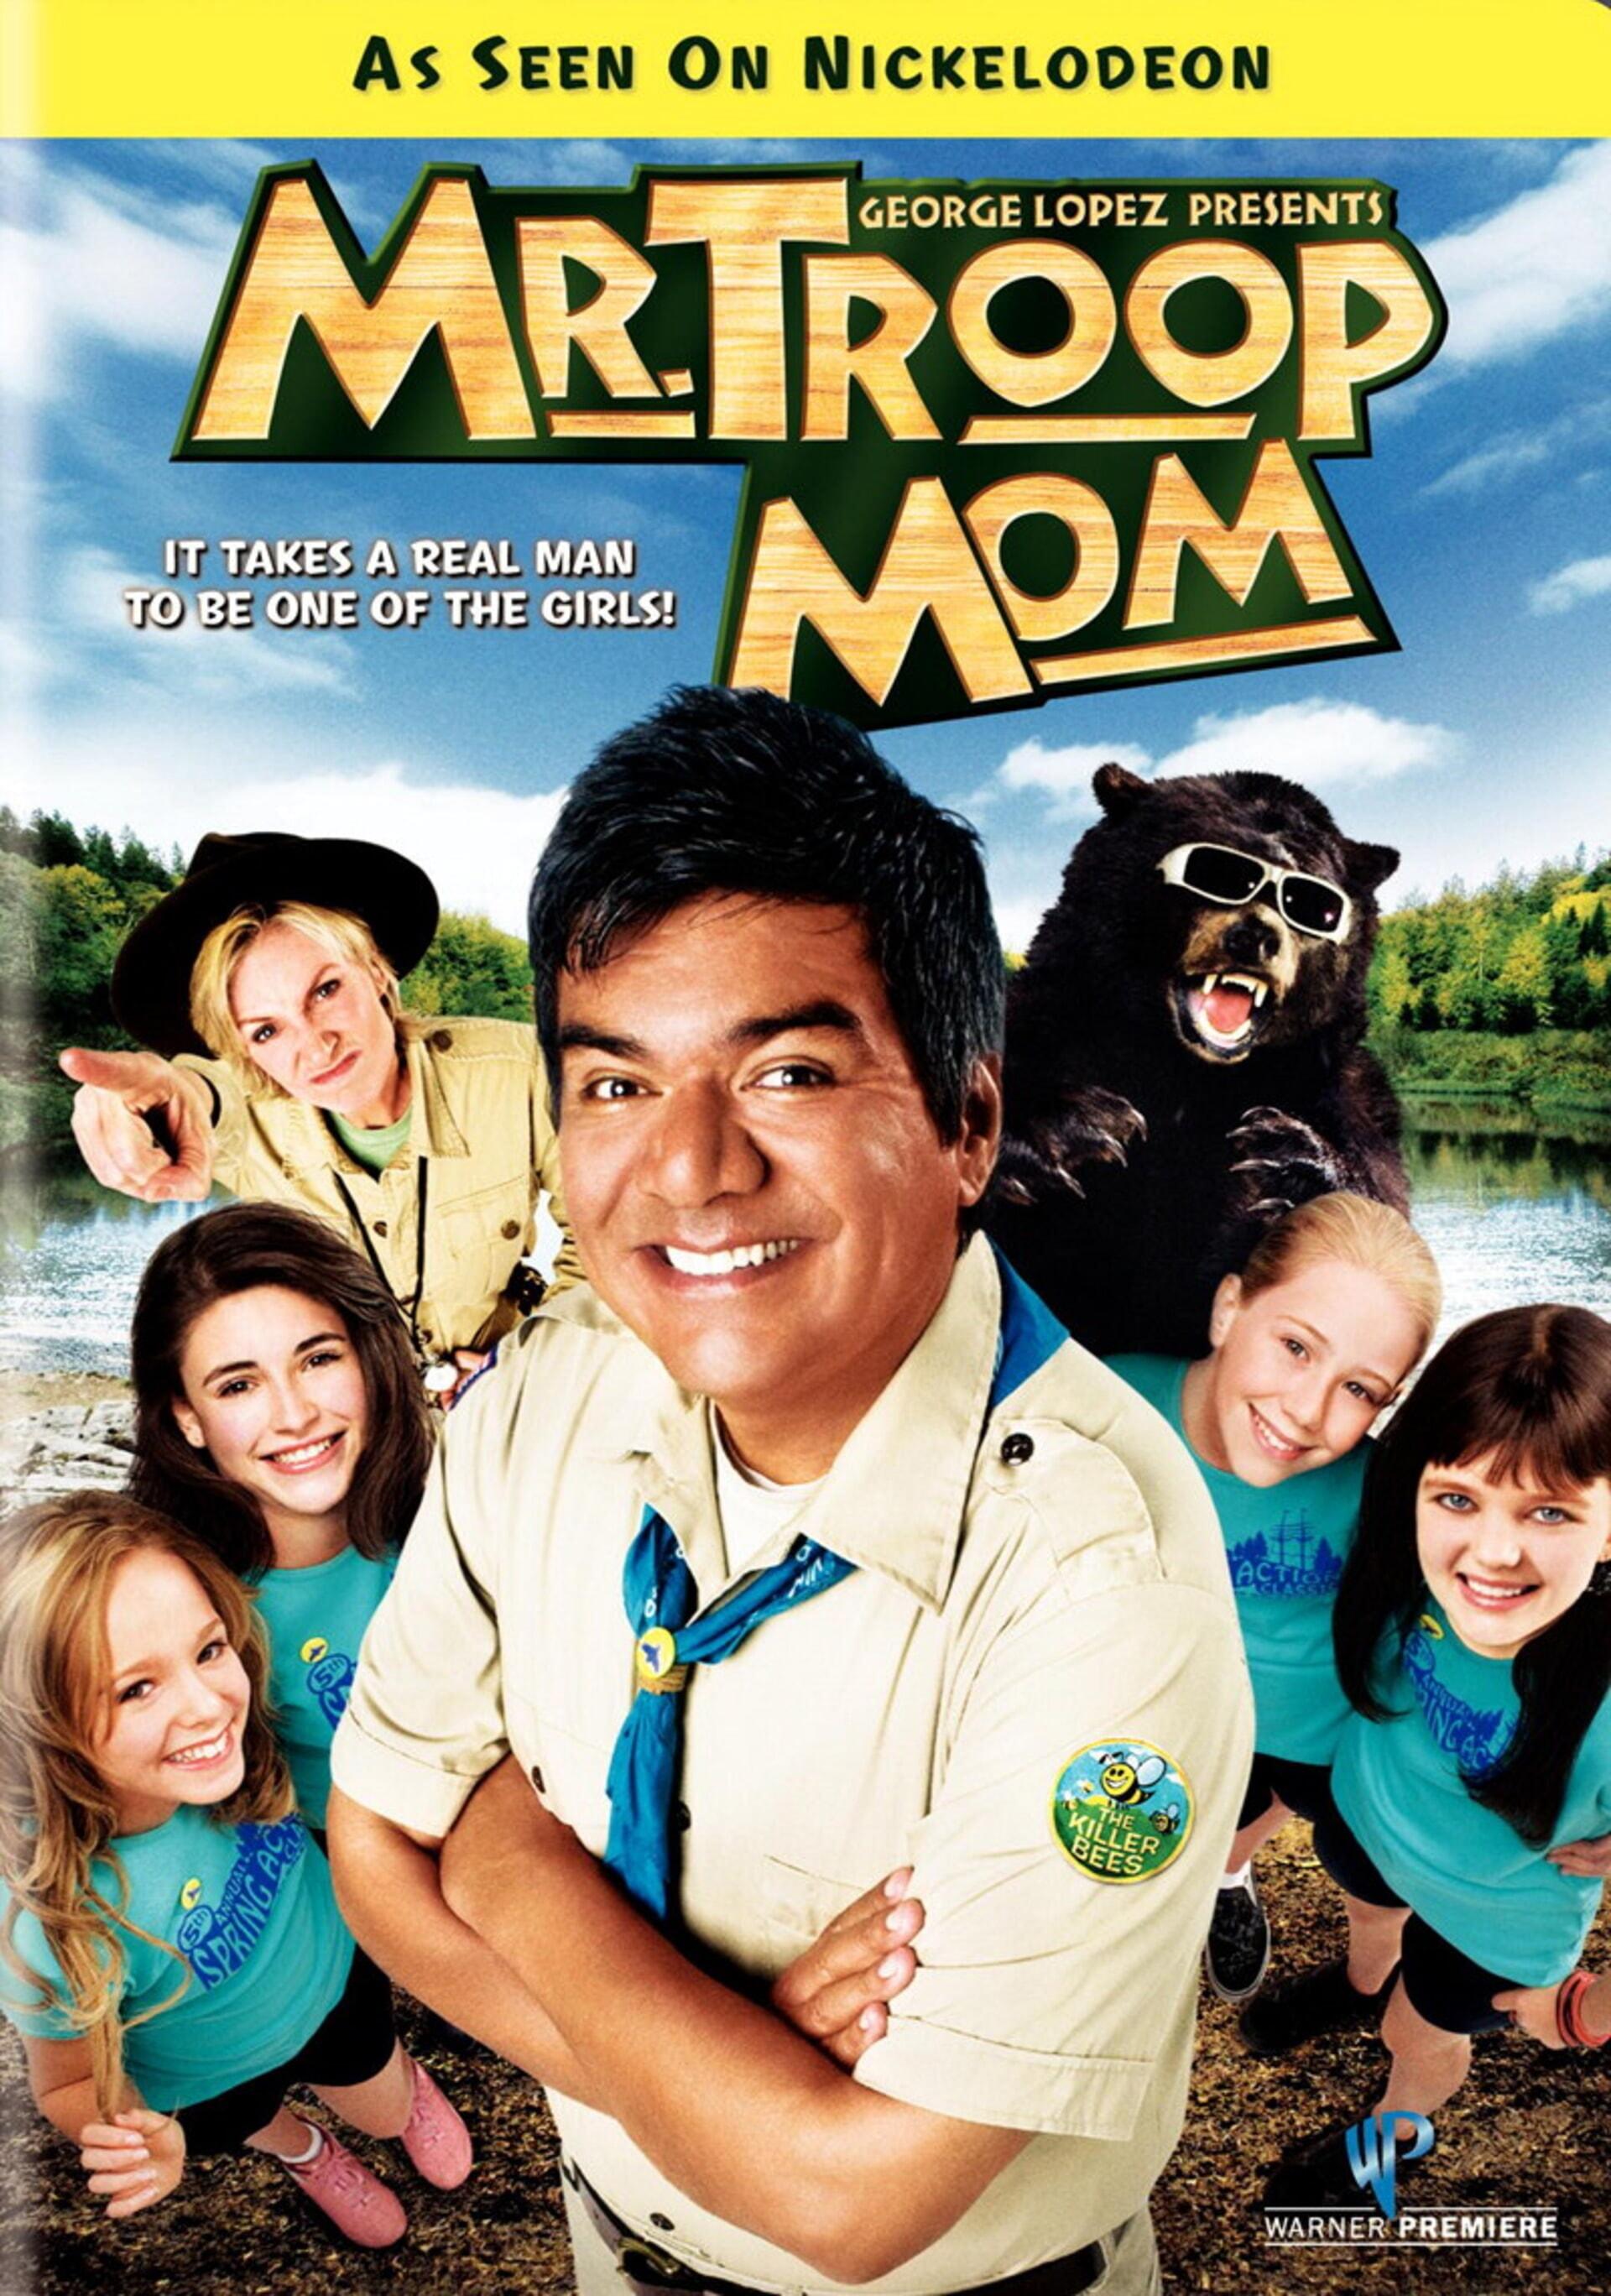 Mr. Troop Mom - Poster 1